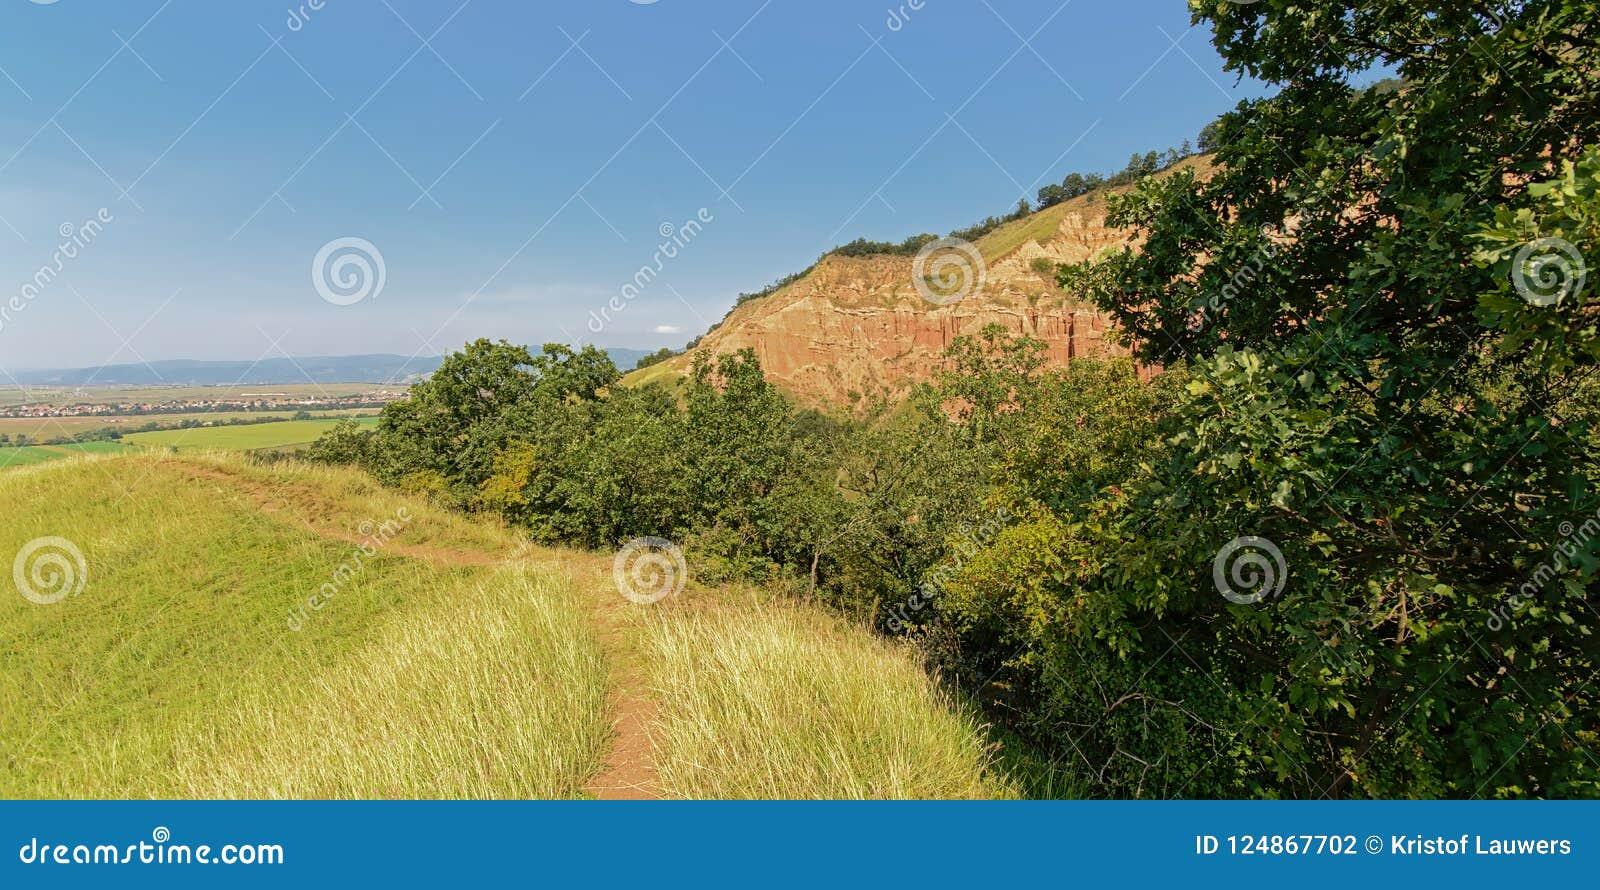 Wanderweg entlang dem Rock geologischer Bildung Rapa Rosie, der Grand Canyon von Rumänien, unter einem klaren blauen Himmel